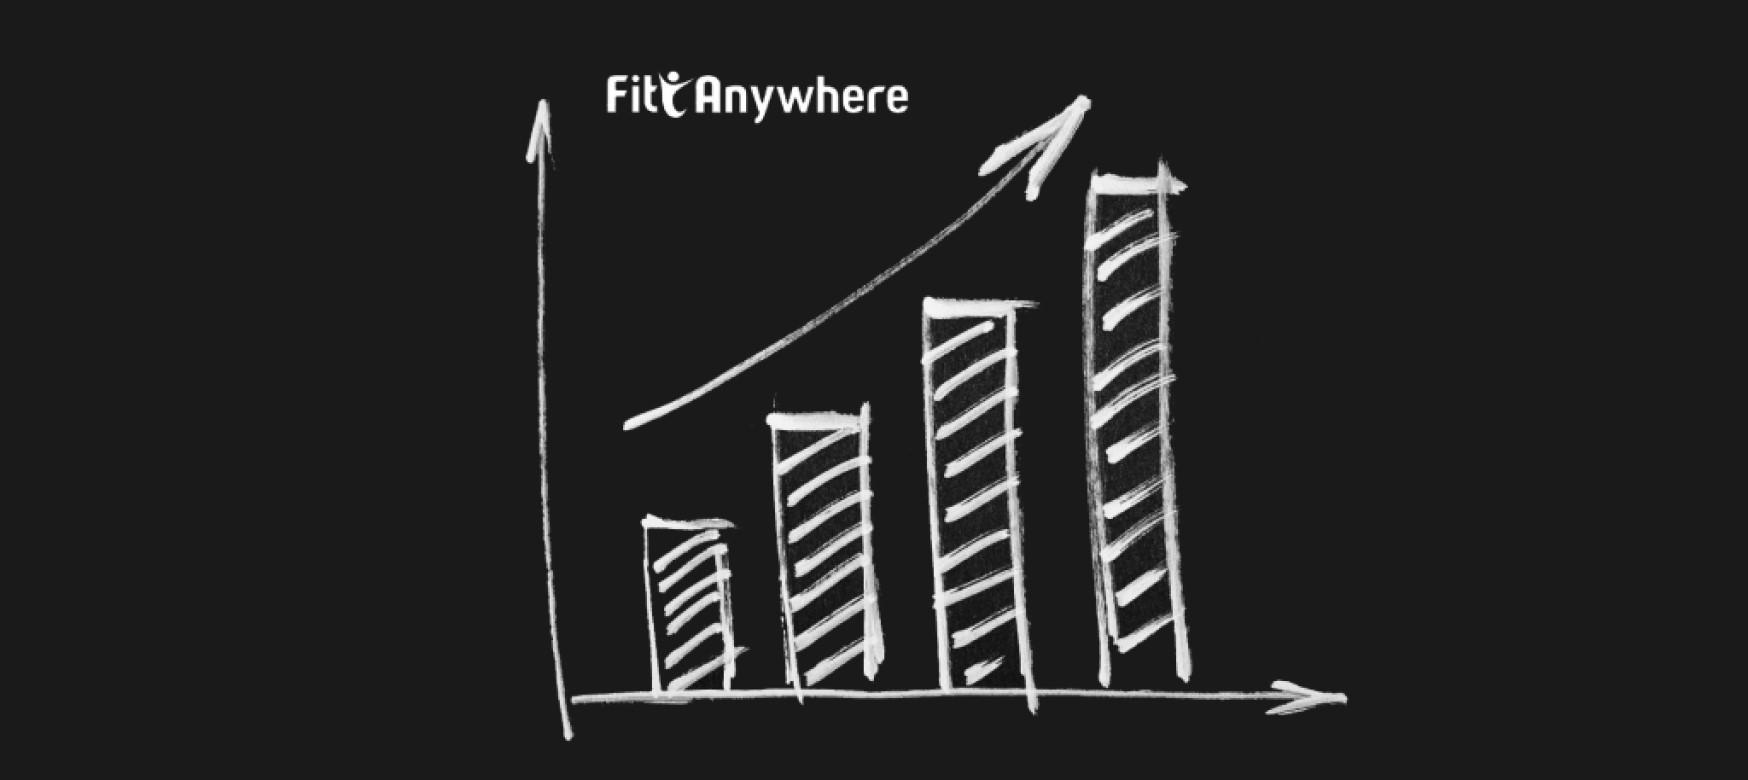 Fit Anywhere: App ultrapassa a marca de 1500 condomínios cadastrados